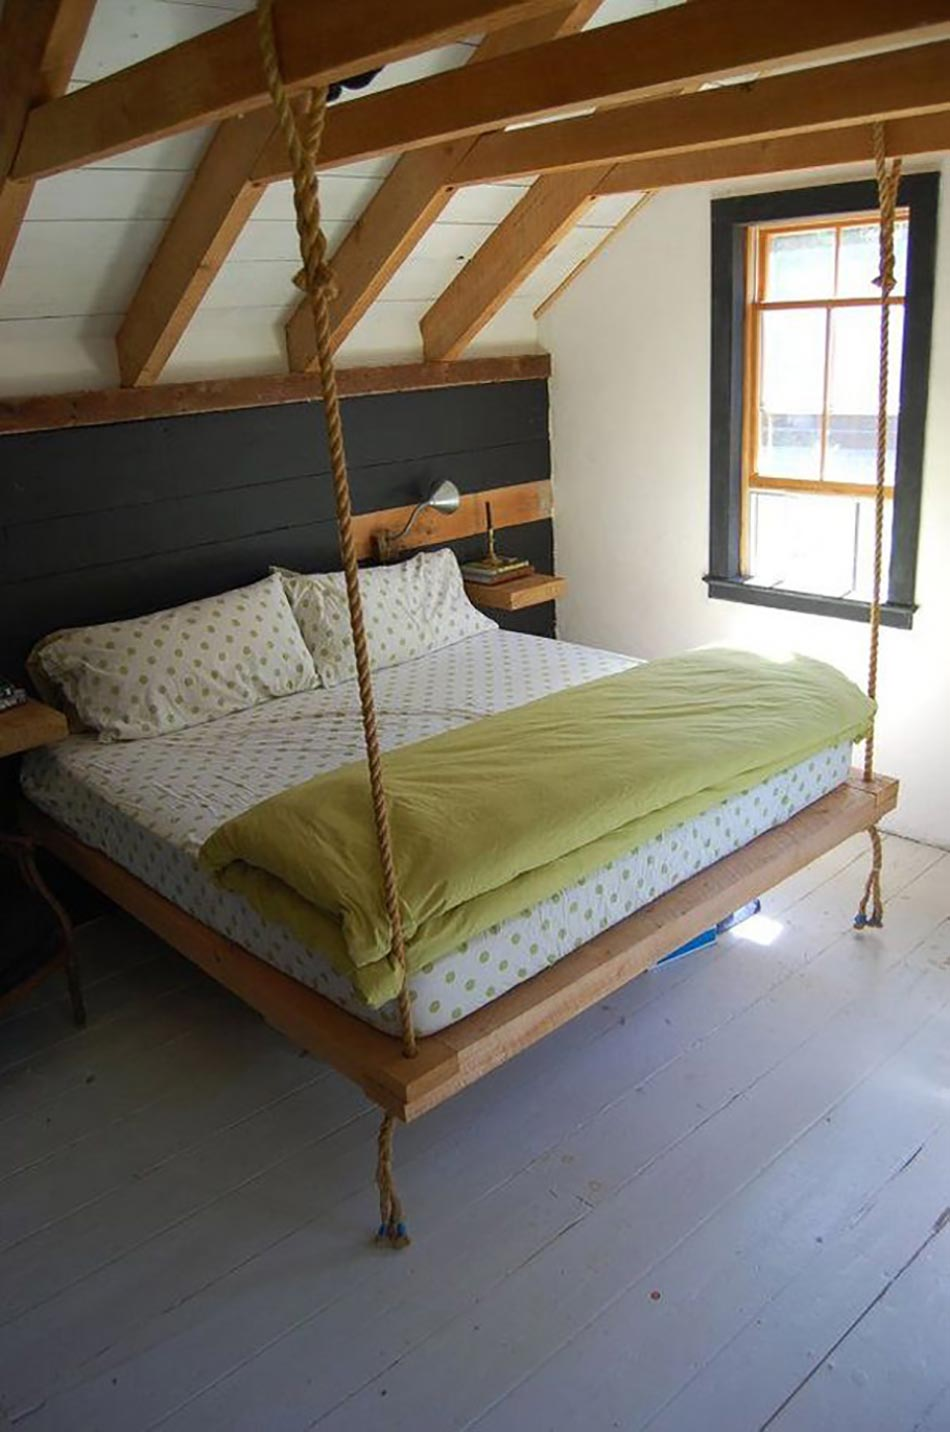 Modele De Lit En Palette lit suspendu ou l'originalité design dans notre chambre